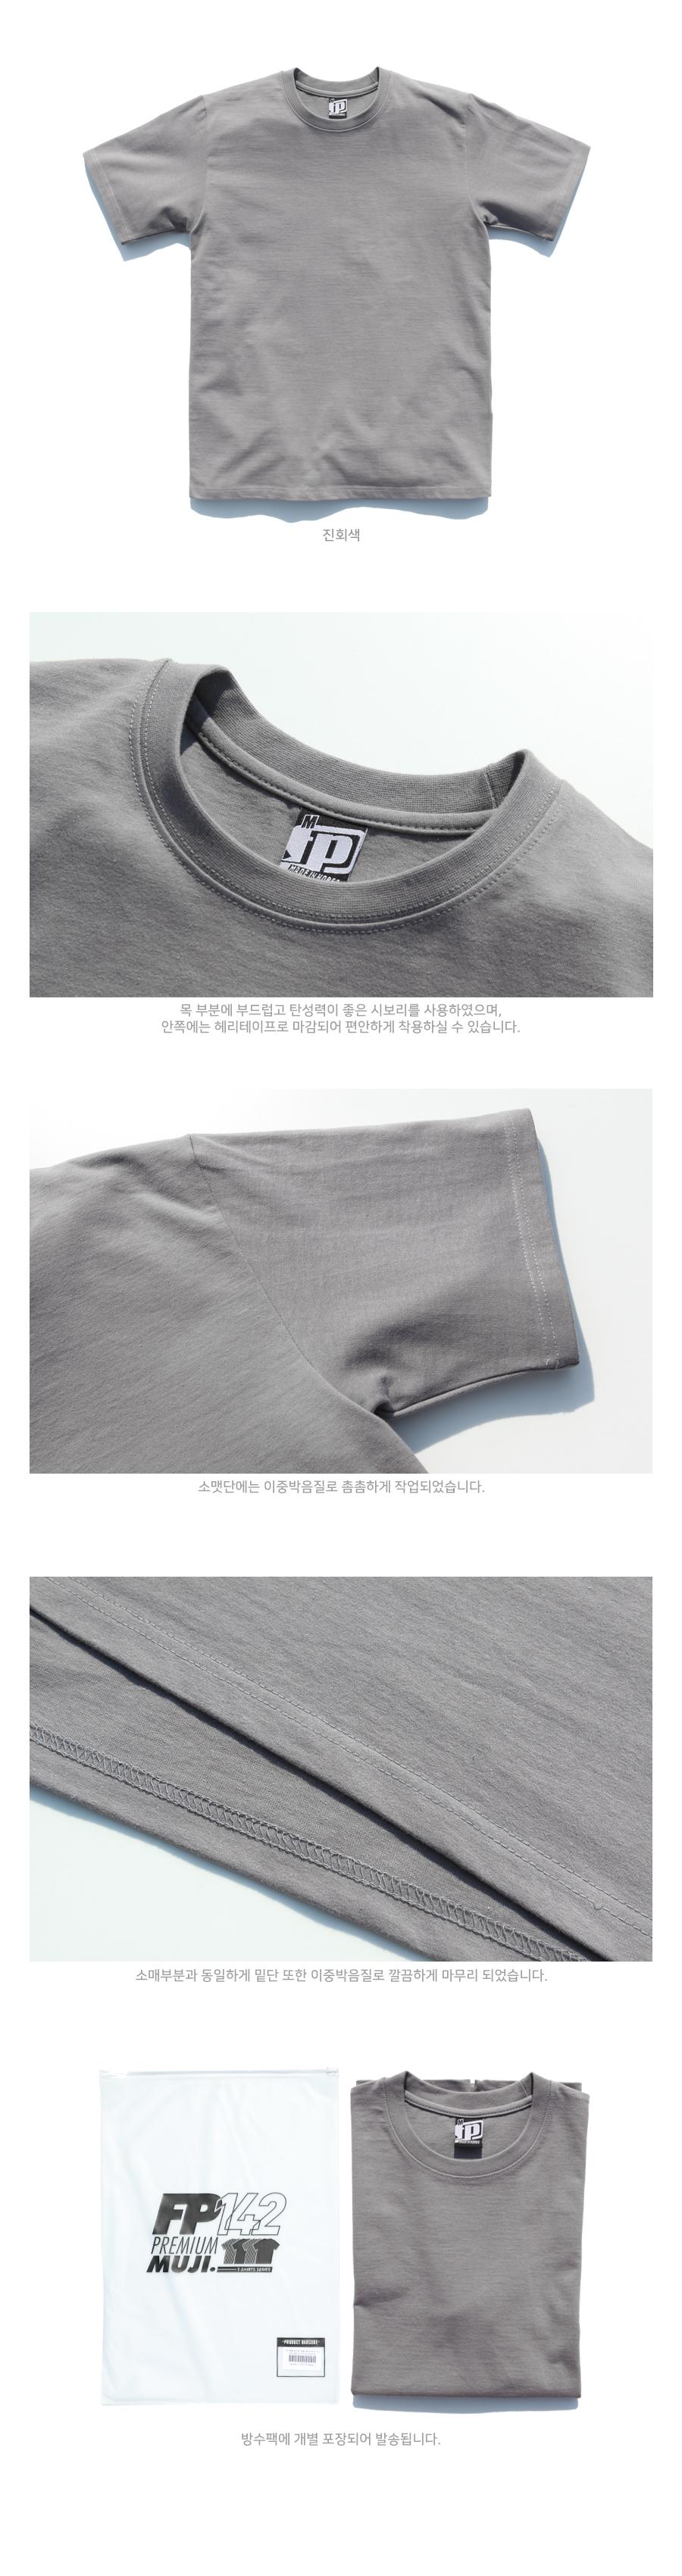 [페플] 페플 포시즌 480g 반팔 5종 KHST1127